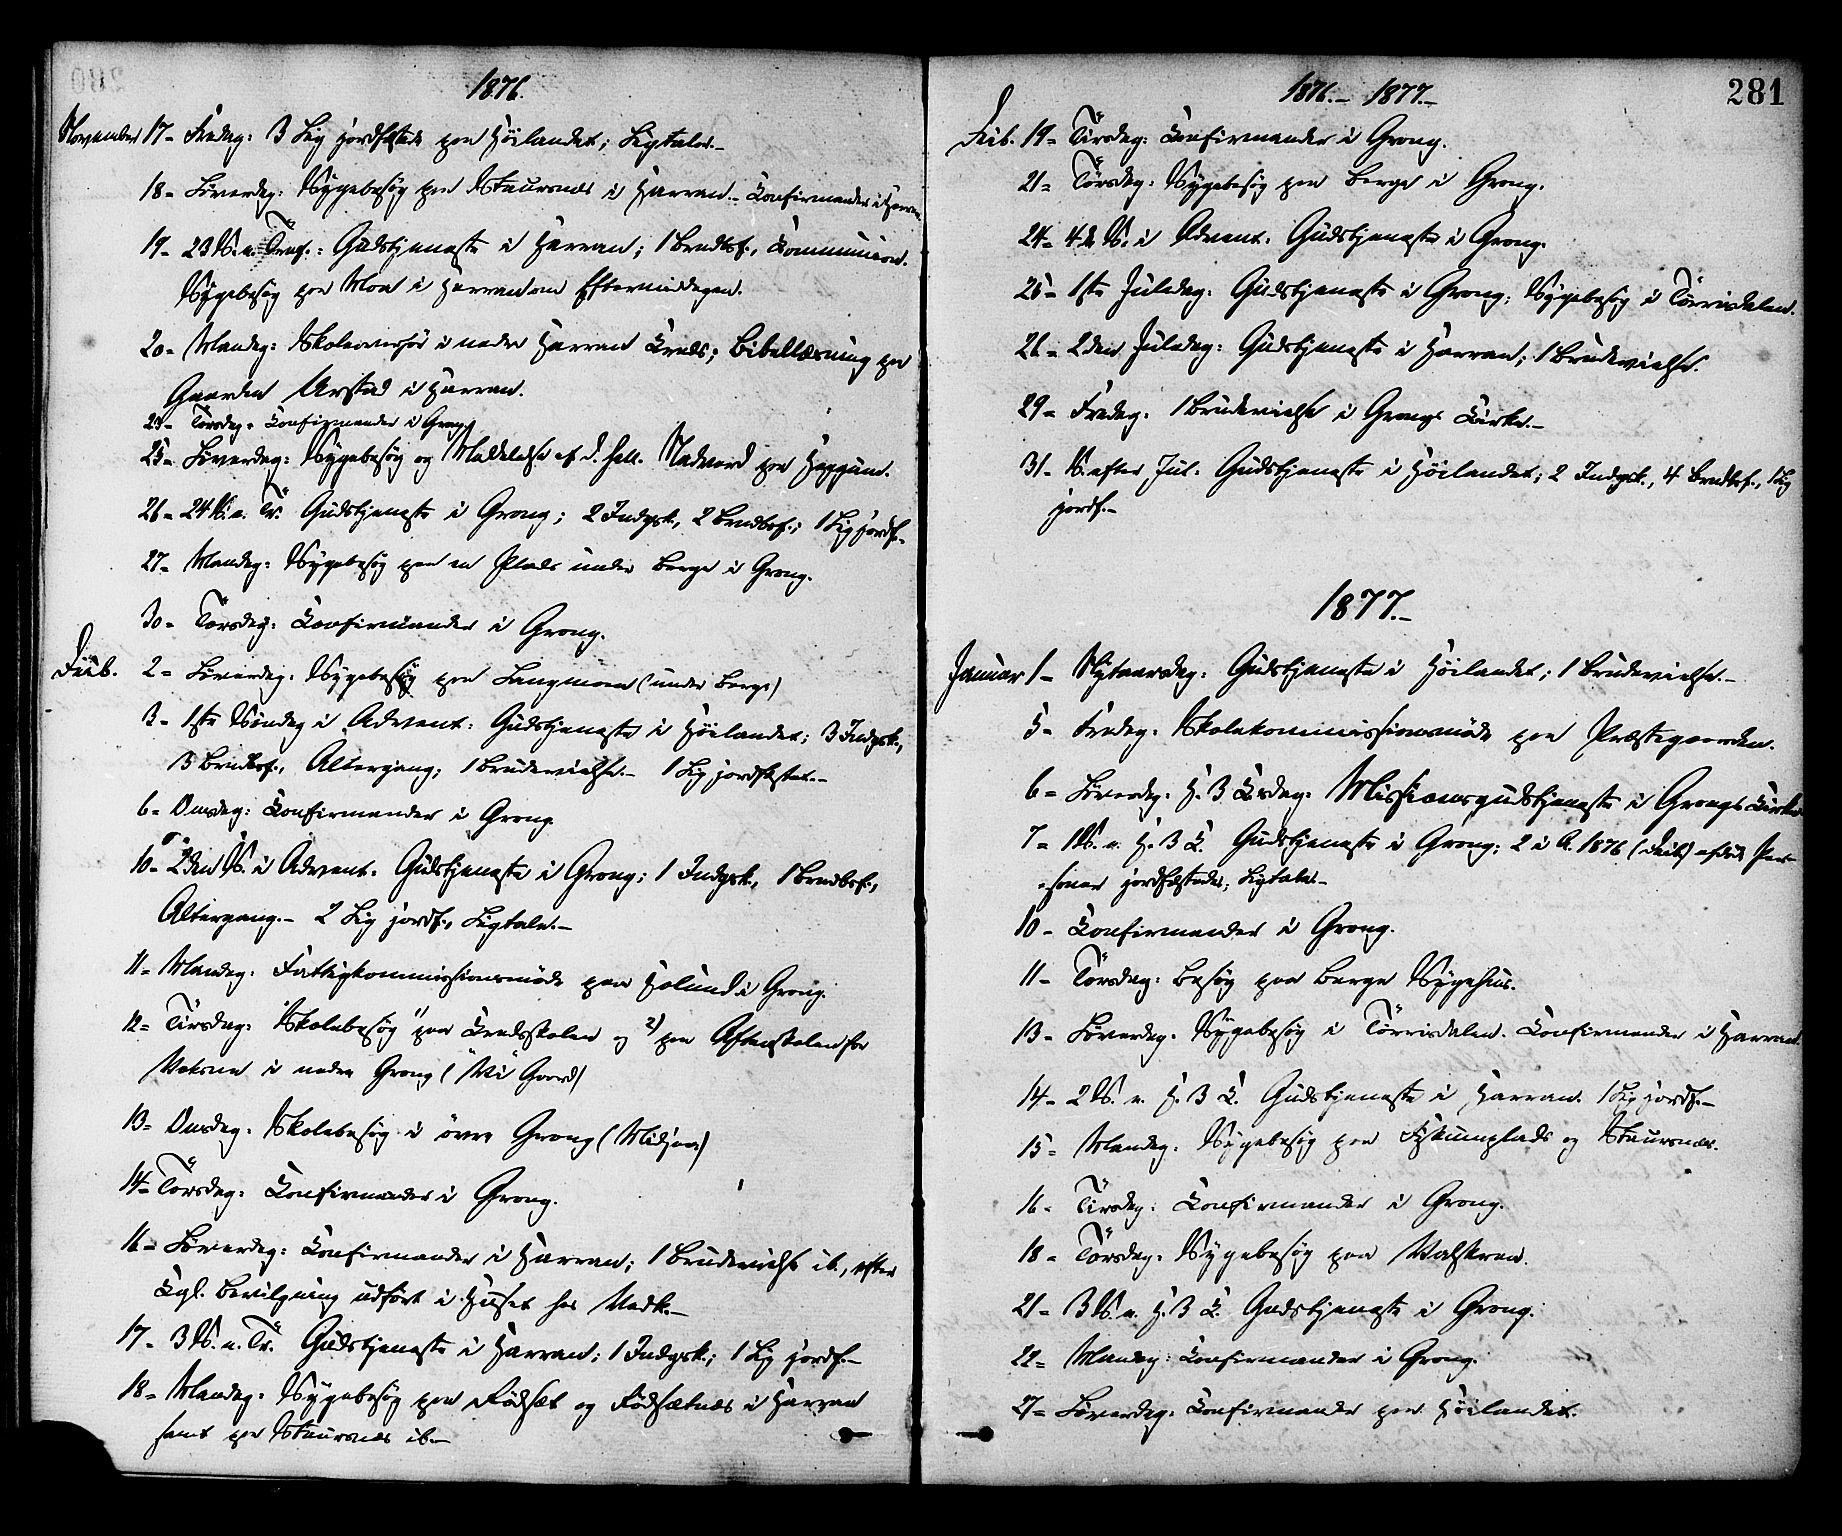 SAT, Ministerialprotokoller, klokkerbøker og fødselsregistre - Nord-Trøndelag, 758/L0516: Ministerialbok nr. 758A03 /1, 1869-1879, s. 281